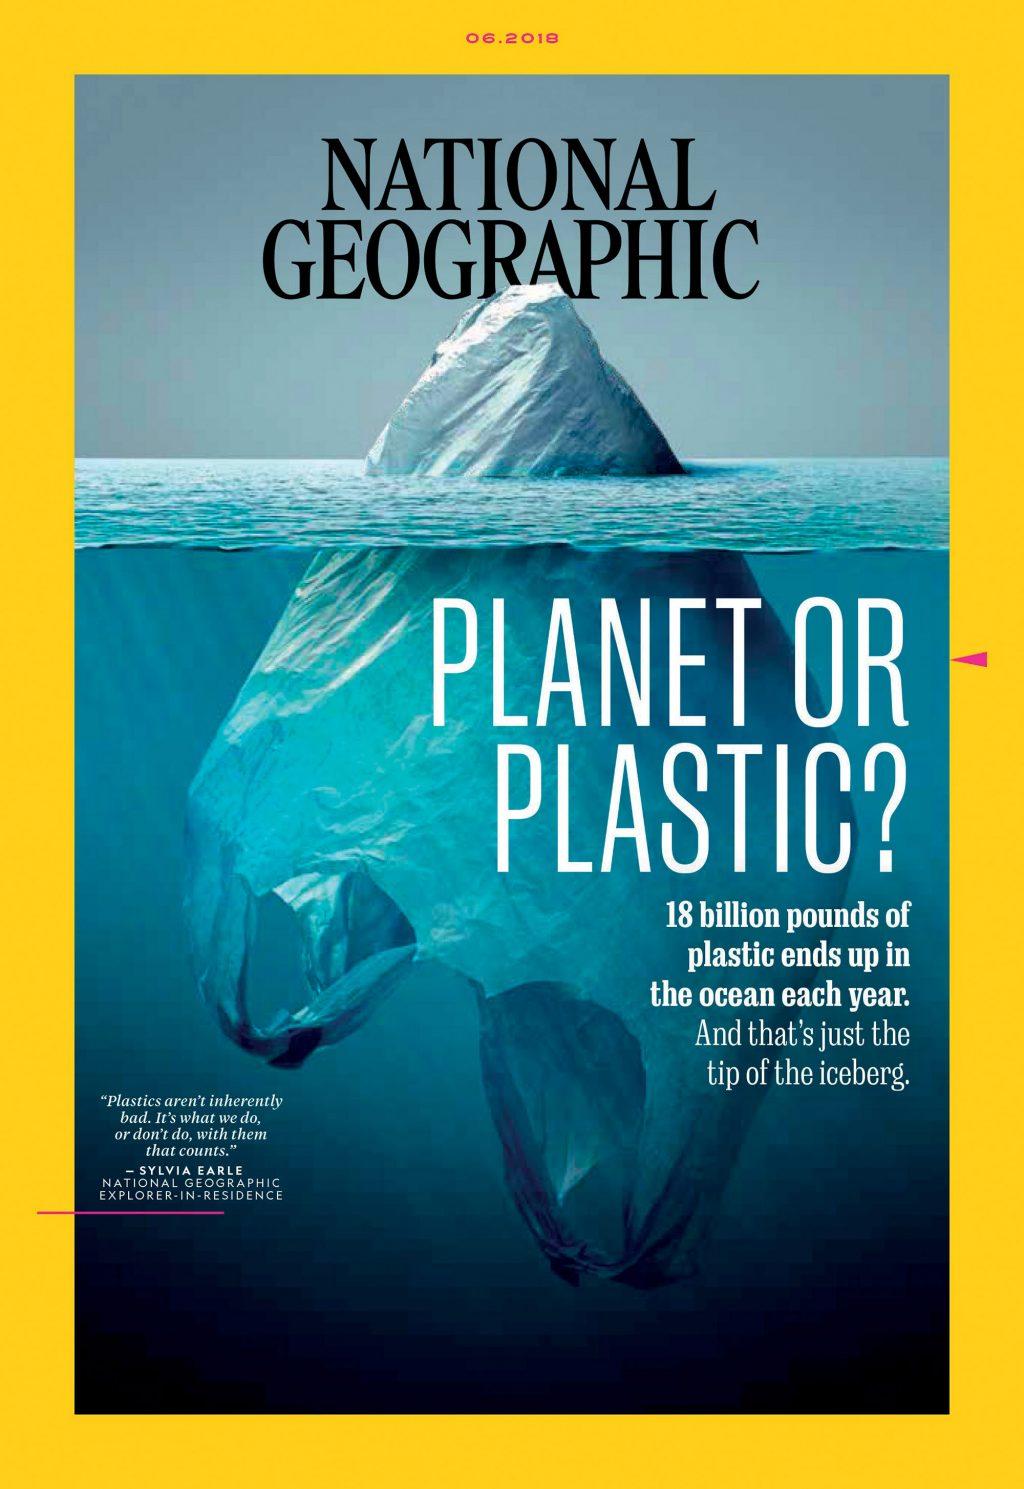 mỹ phẩm bảo vệ đại dương